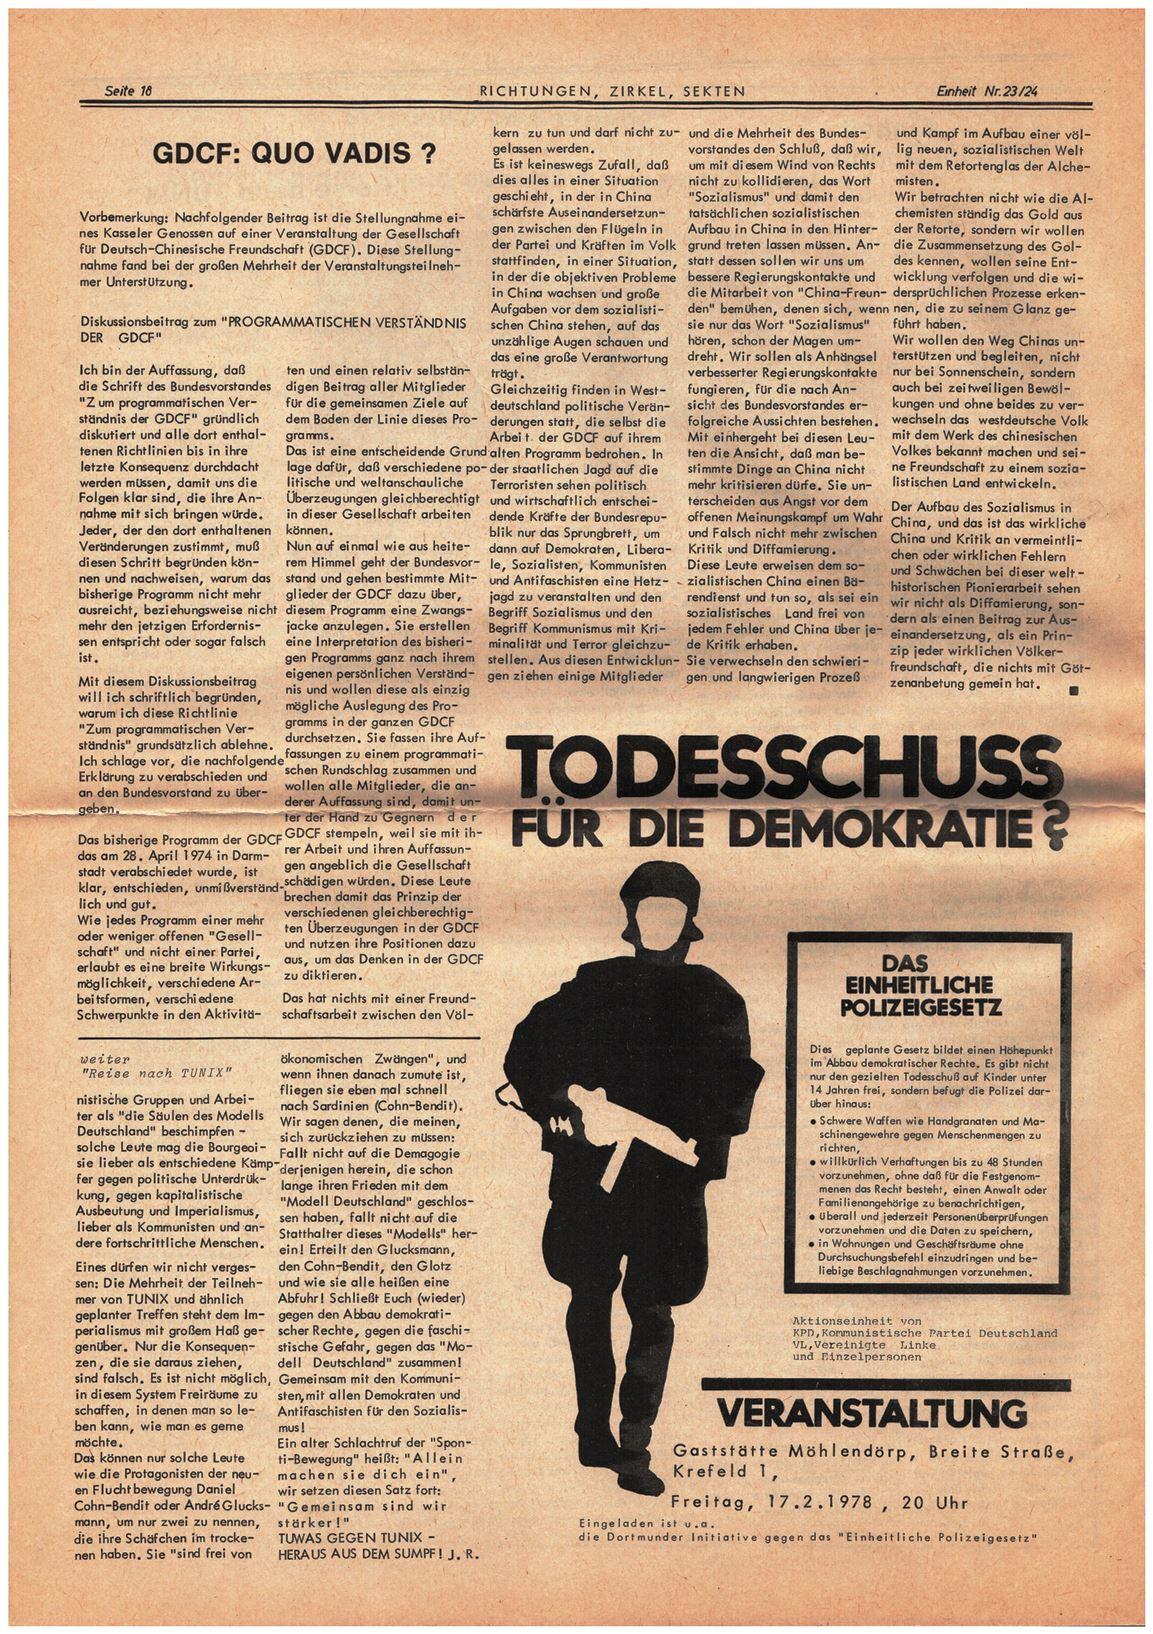 Koeln_IPdA_Einheit_1978_023_024_020